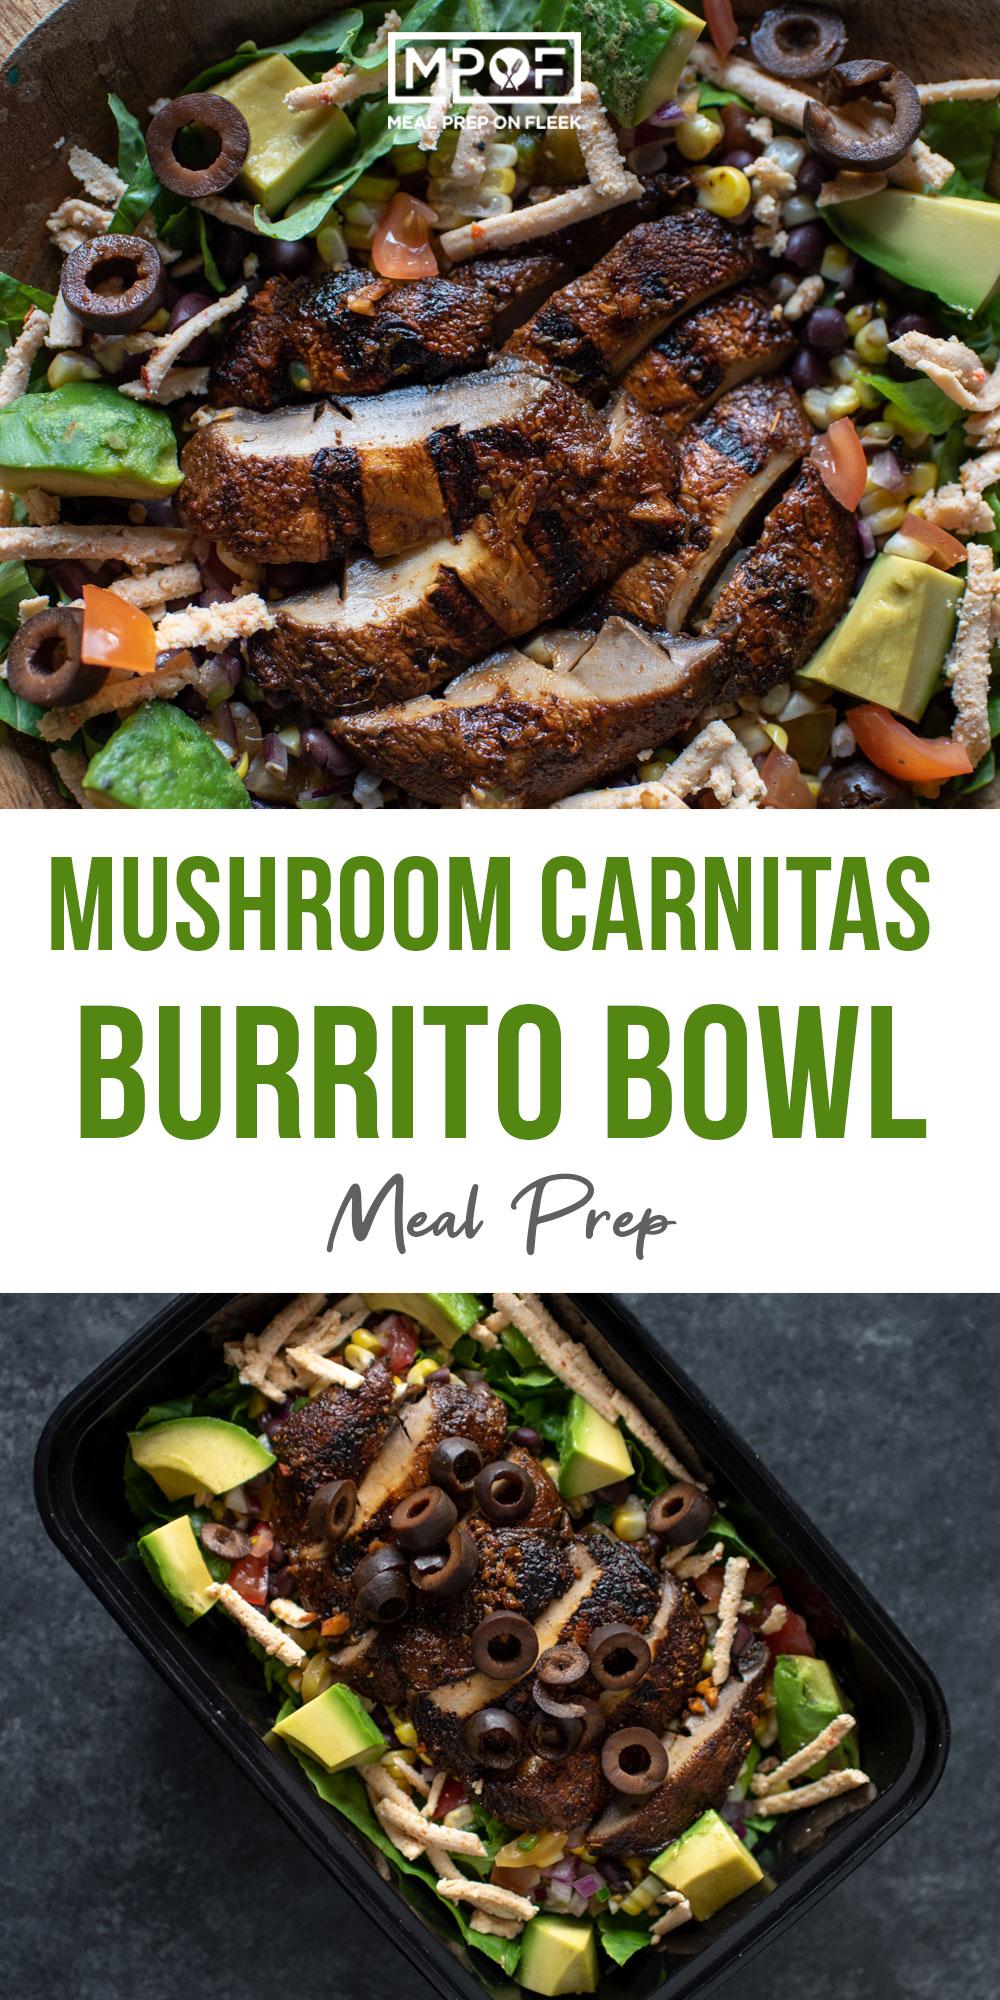 Mushroom Carnitas Burrito Bowls